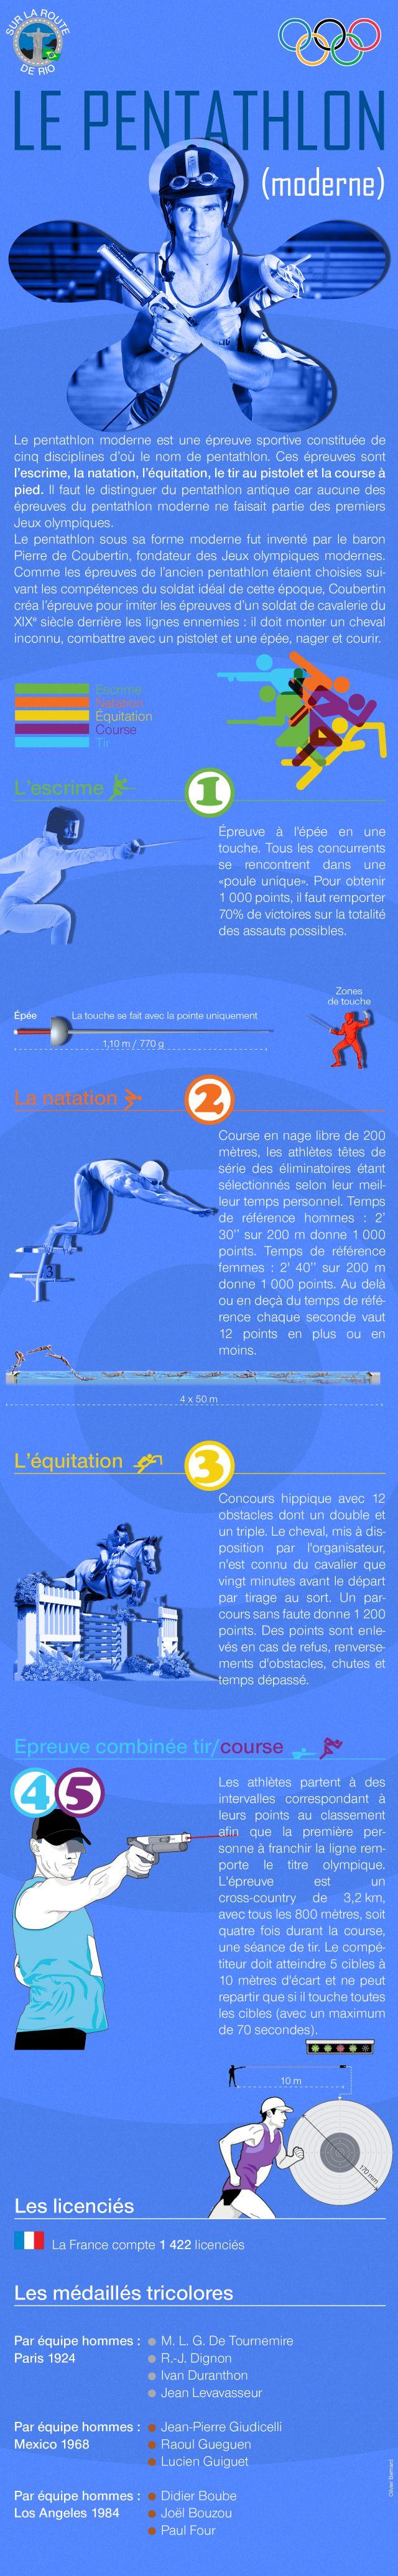 Pour tout comprendre sur le pentathlon aux Jeux olympiques de Rio.